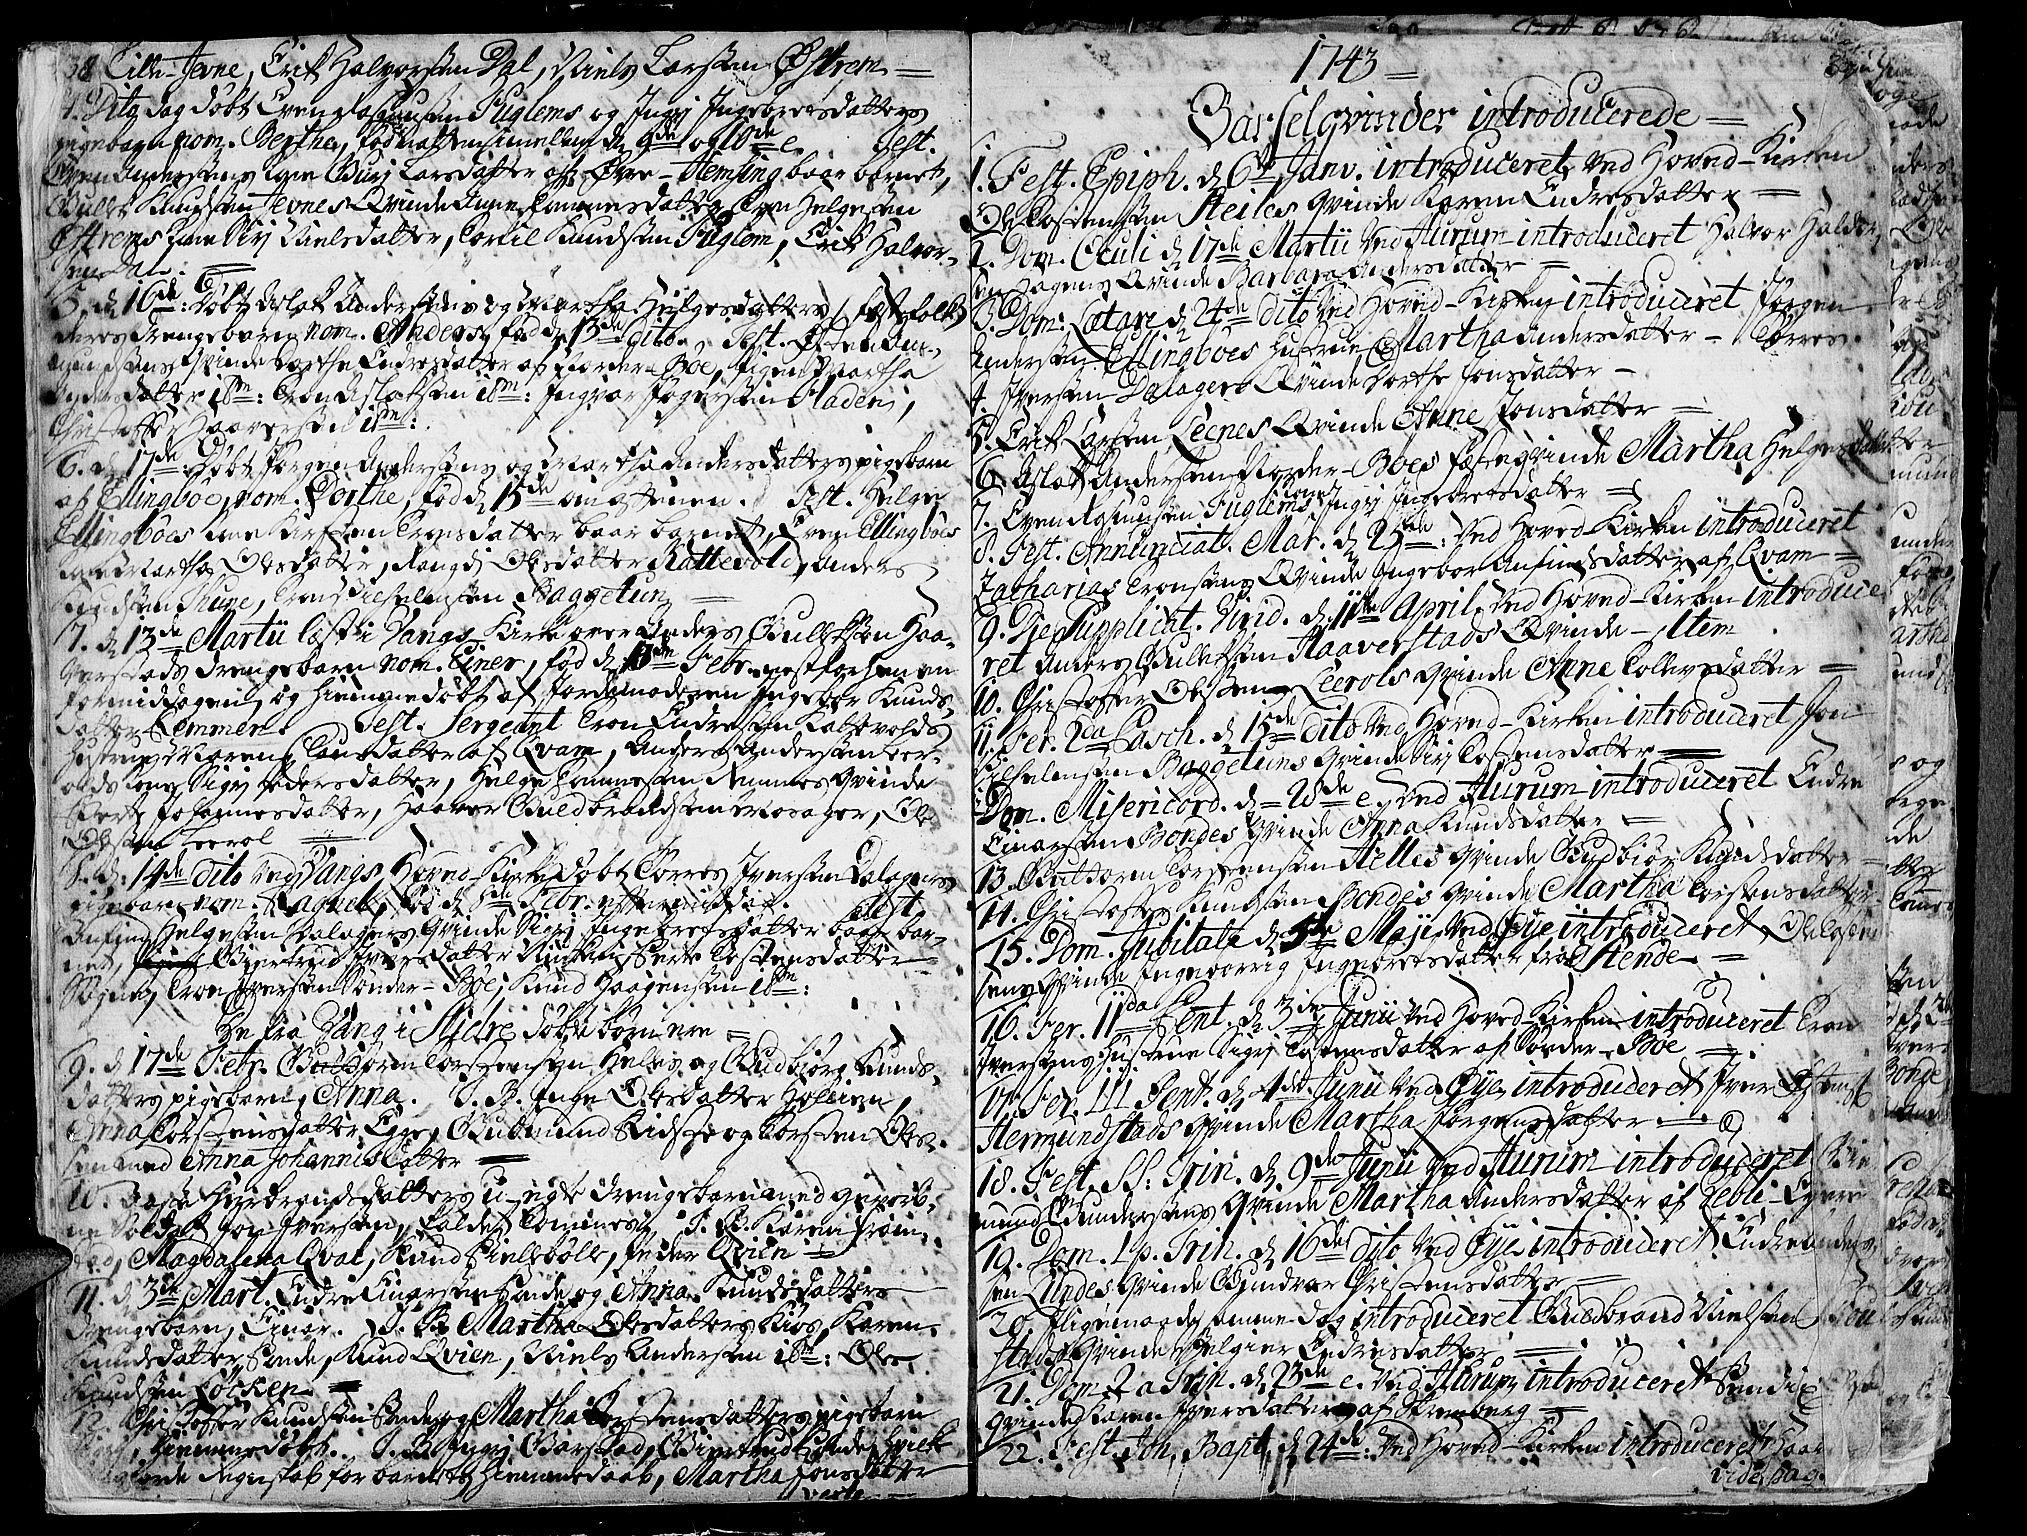 SAH, Vang prestekontor, Valdres, Ministerialbok nr. 1, 1730-1796, s. 38-39